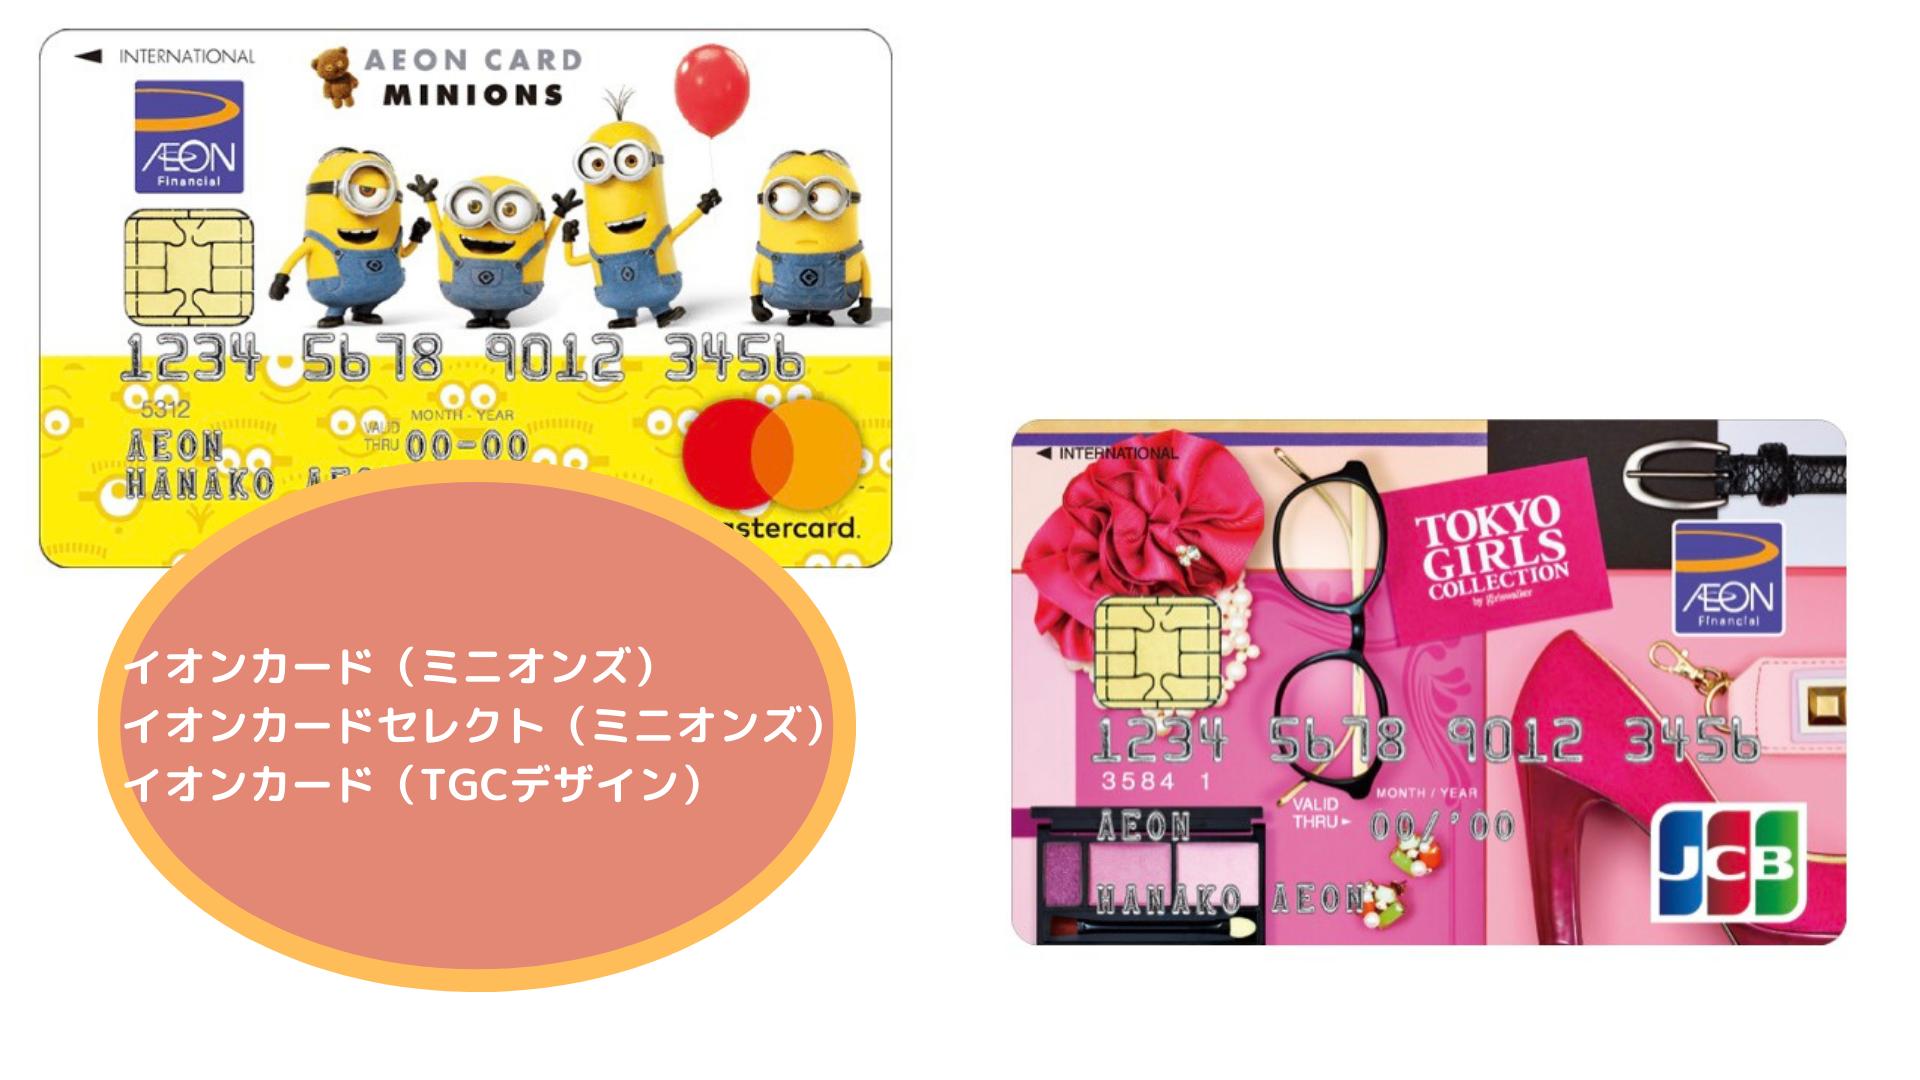 〇〇〇クレジットカードで映画代¥1,000